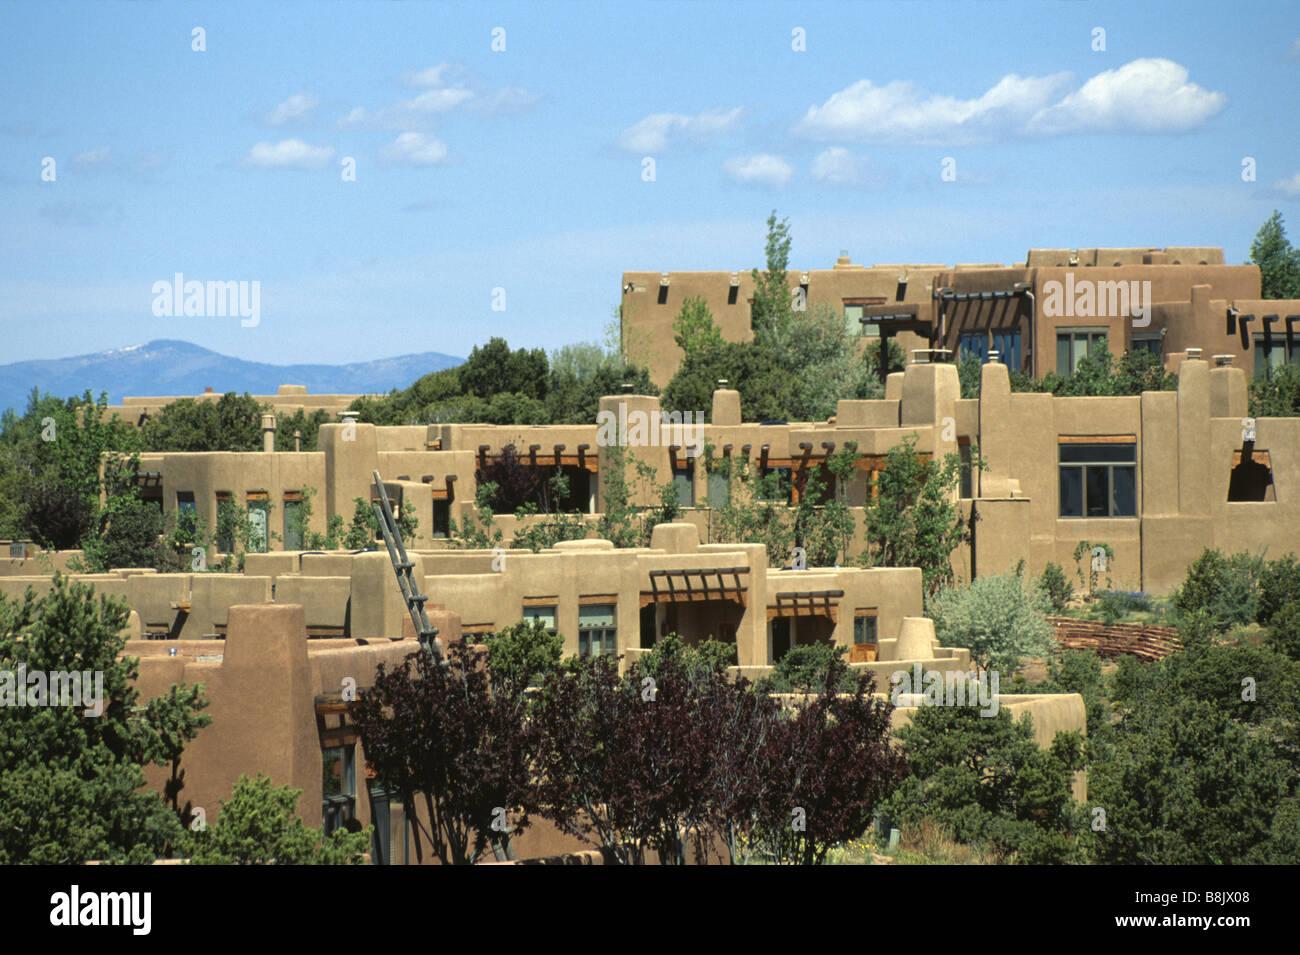 Adobe houses in a residential neighborhood of santa fe new for Santa fe adobe homes